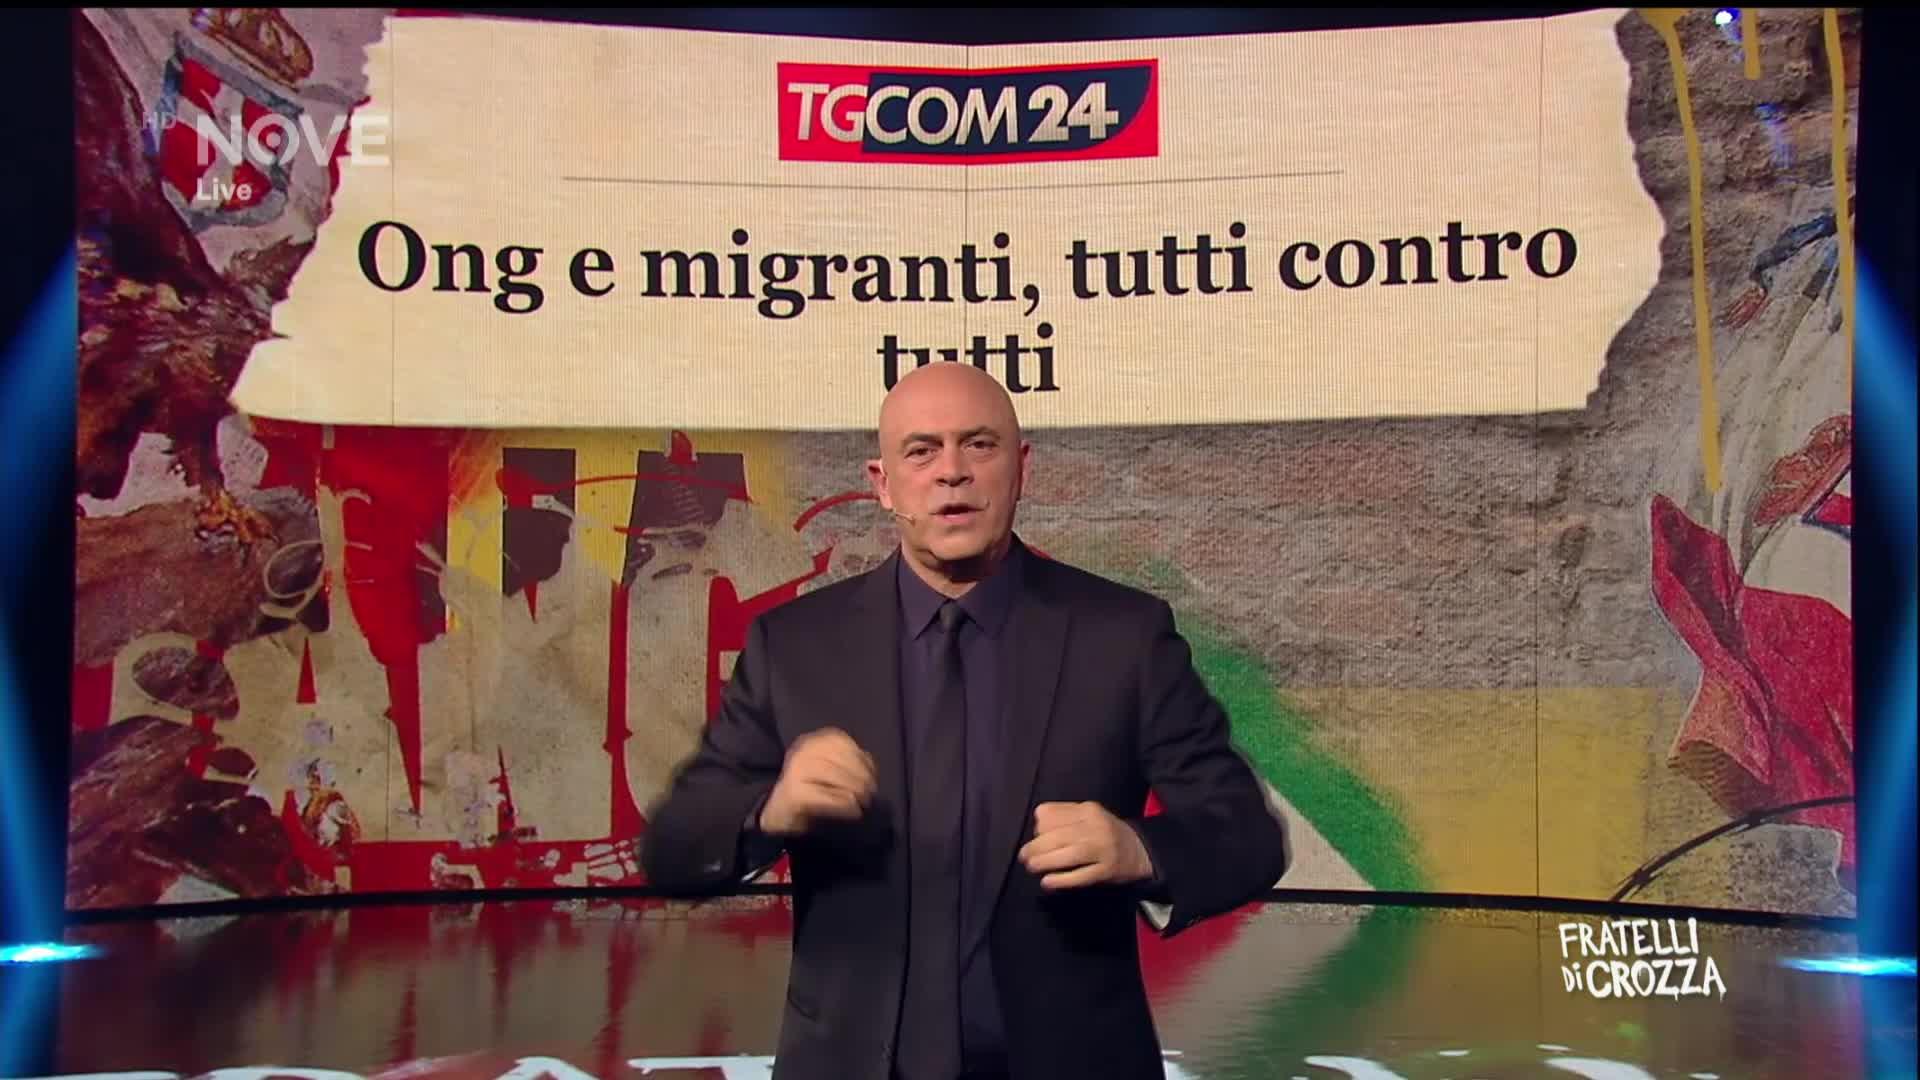 Fratelli di crozza maurizio crozza ong migranti e legge for Successione legittima fratelli